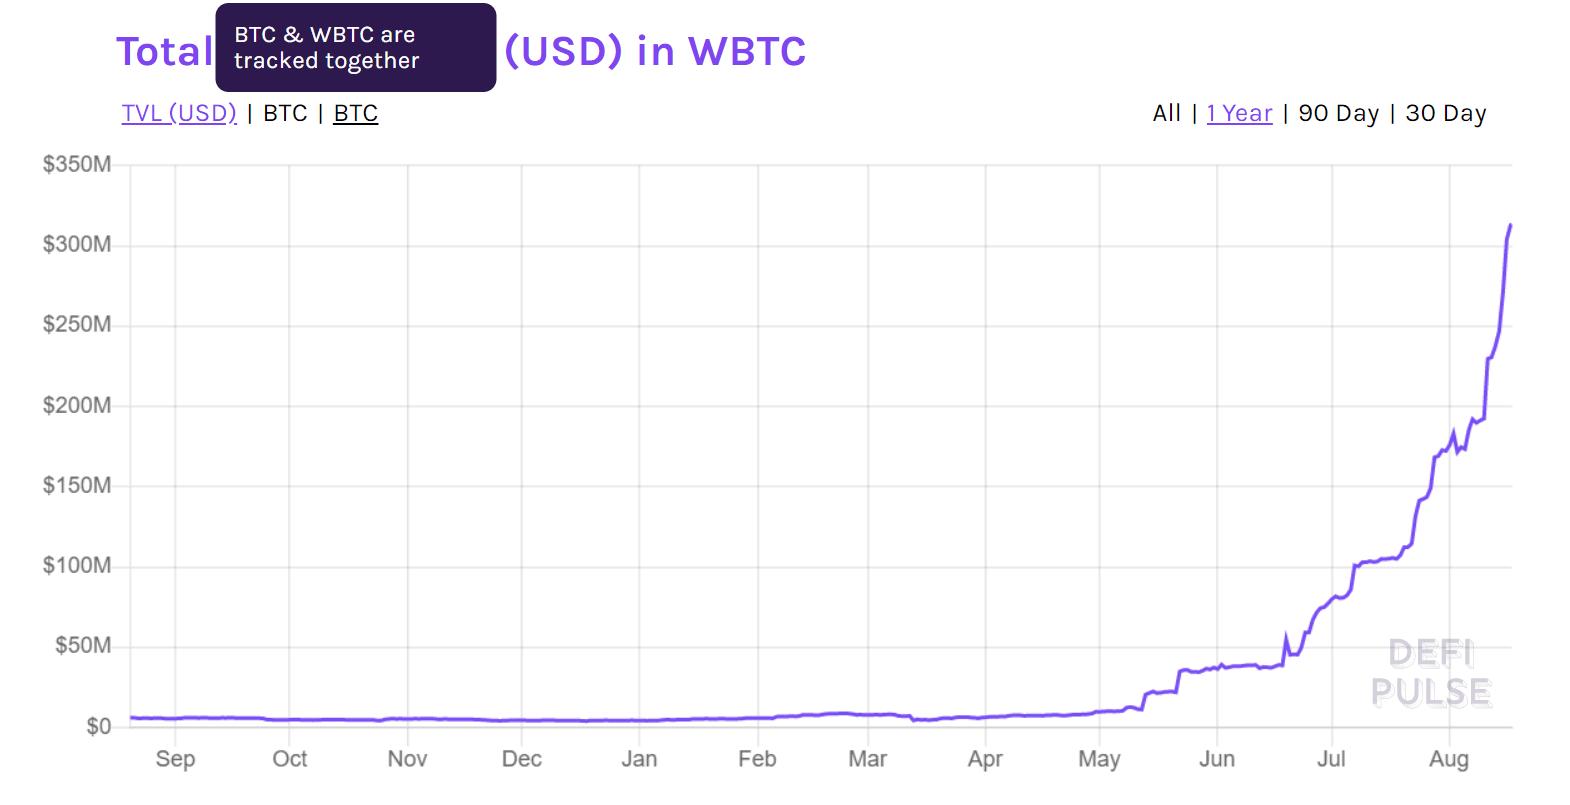 Все больше и больше биткойнов приземляется на Ethereum Зона Крипто - новости криптовалют BTC, биткоин, эфириум, алткоин, майнинг, биржи, ICO